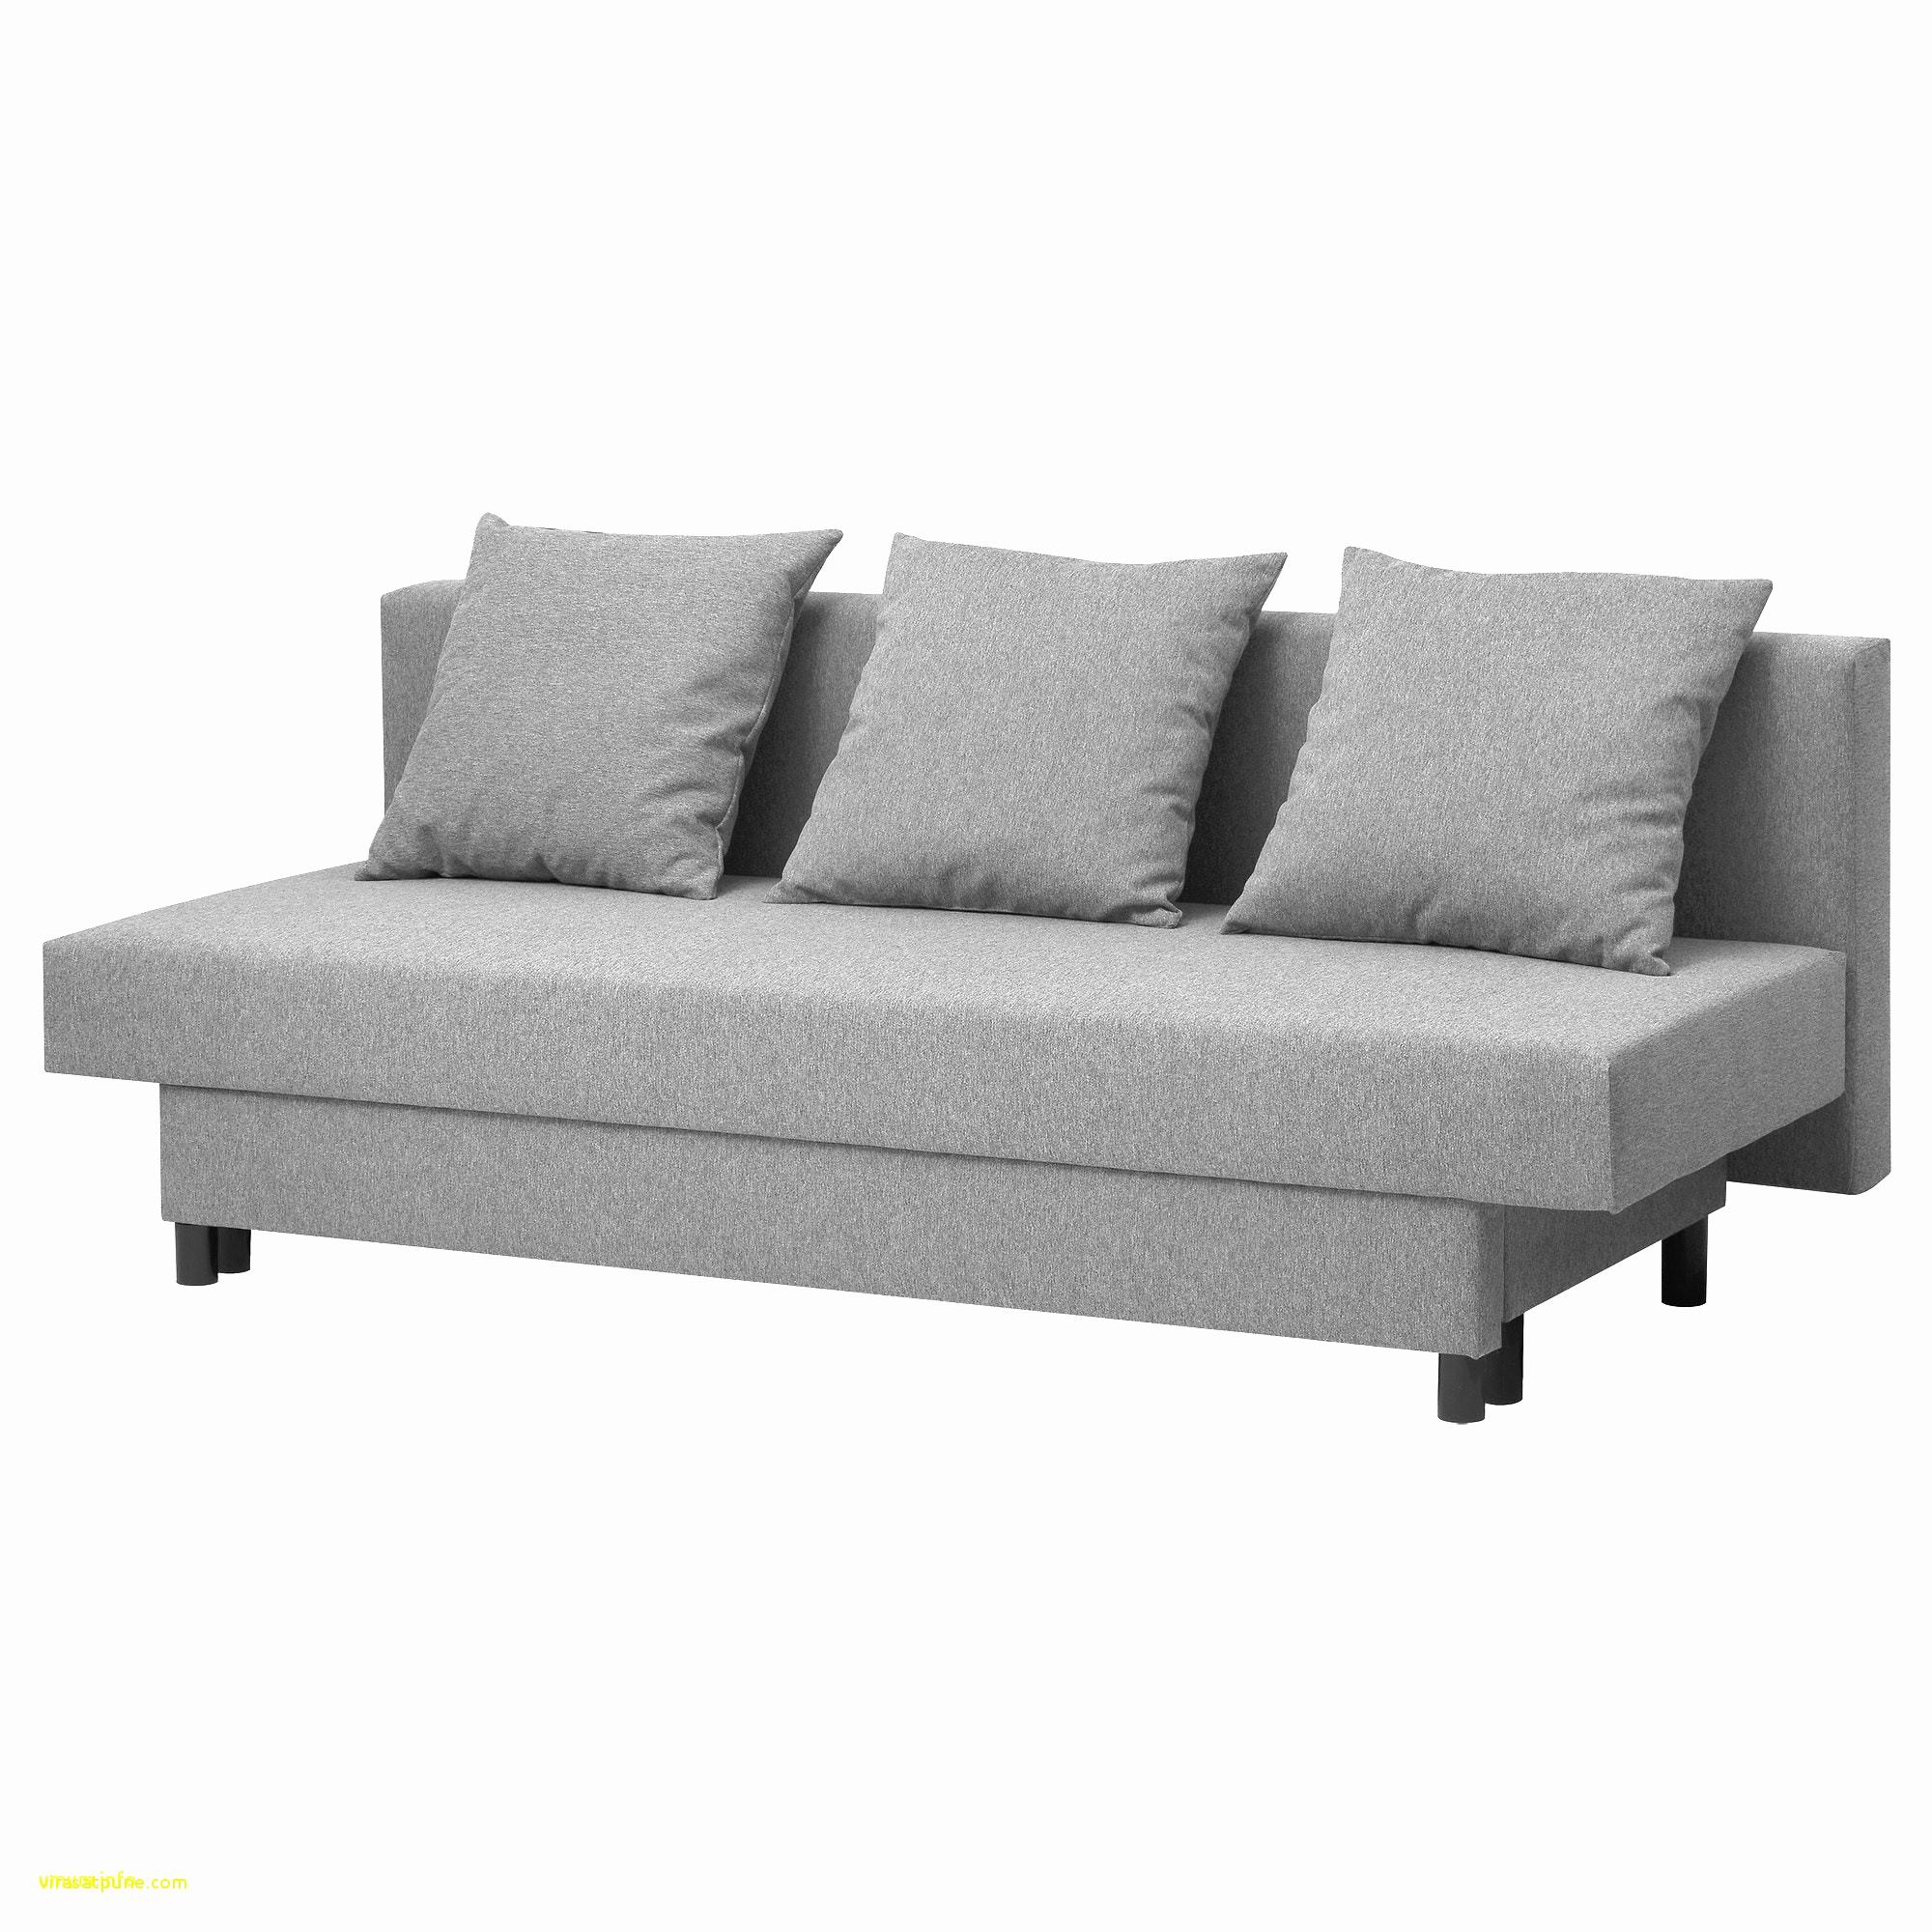 Canape Assise Profonde Ikea — Lamichaure intérieur Canapés Assise Profonde